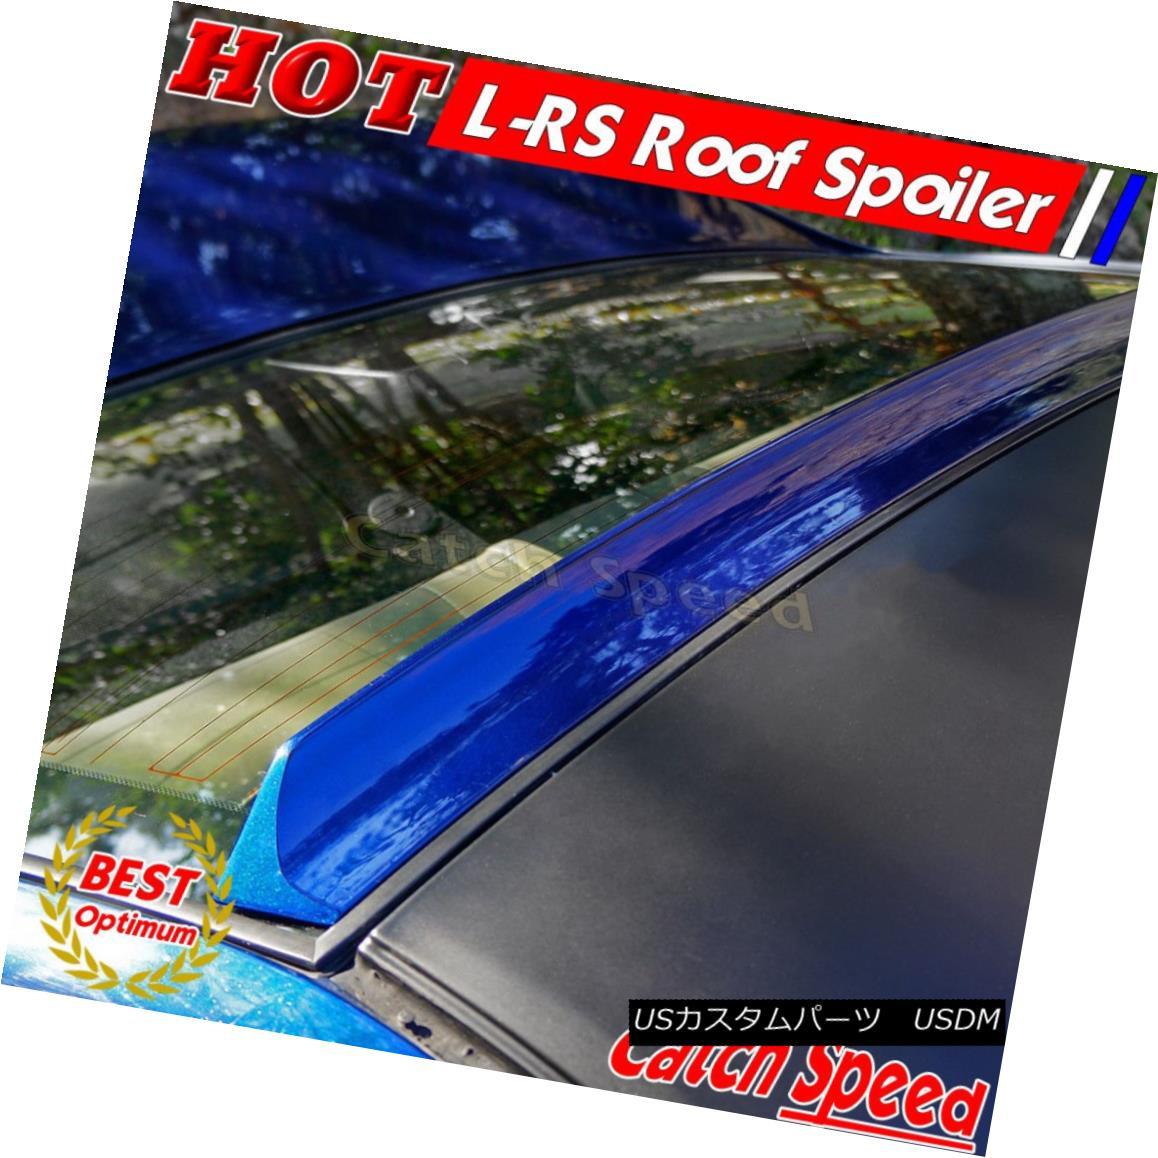 エアロパーツ Flat Black LRS Type Rear Roof Spoiler Wing For Honda Accord 2003-2007 Coupe ? ホンダアコード2003-2007クーペのフラットブラックLRSタイプリアルーフスポイラーウイング?